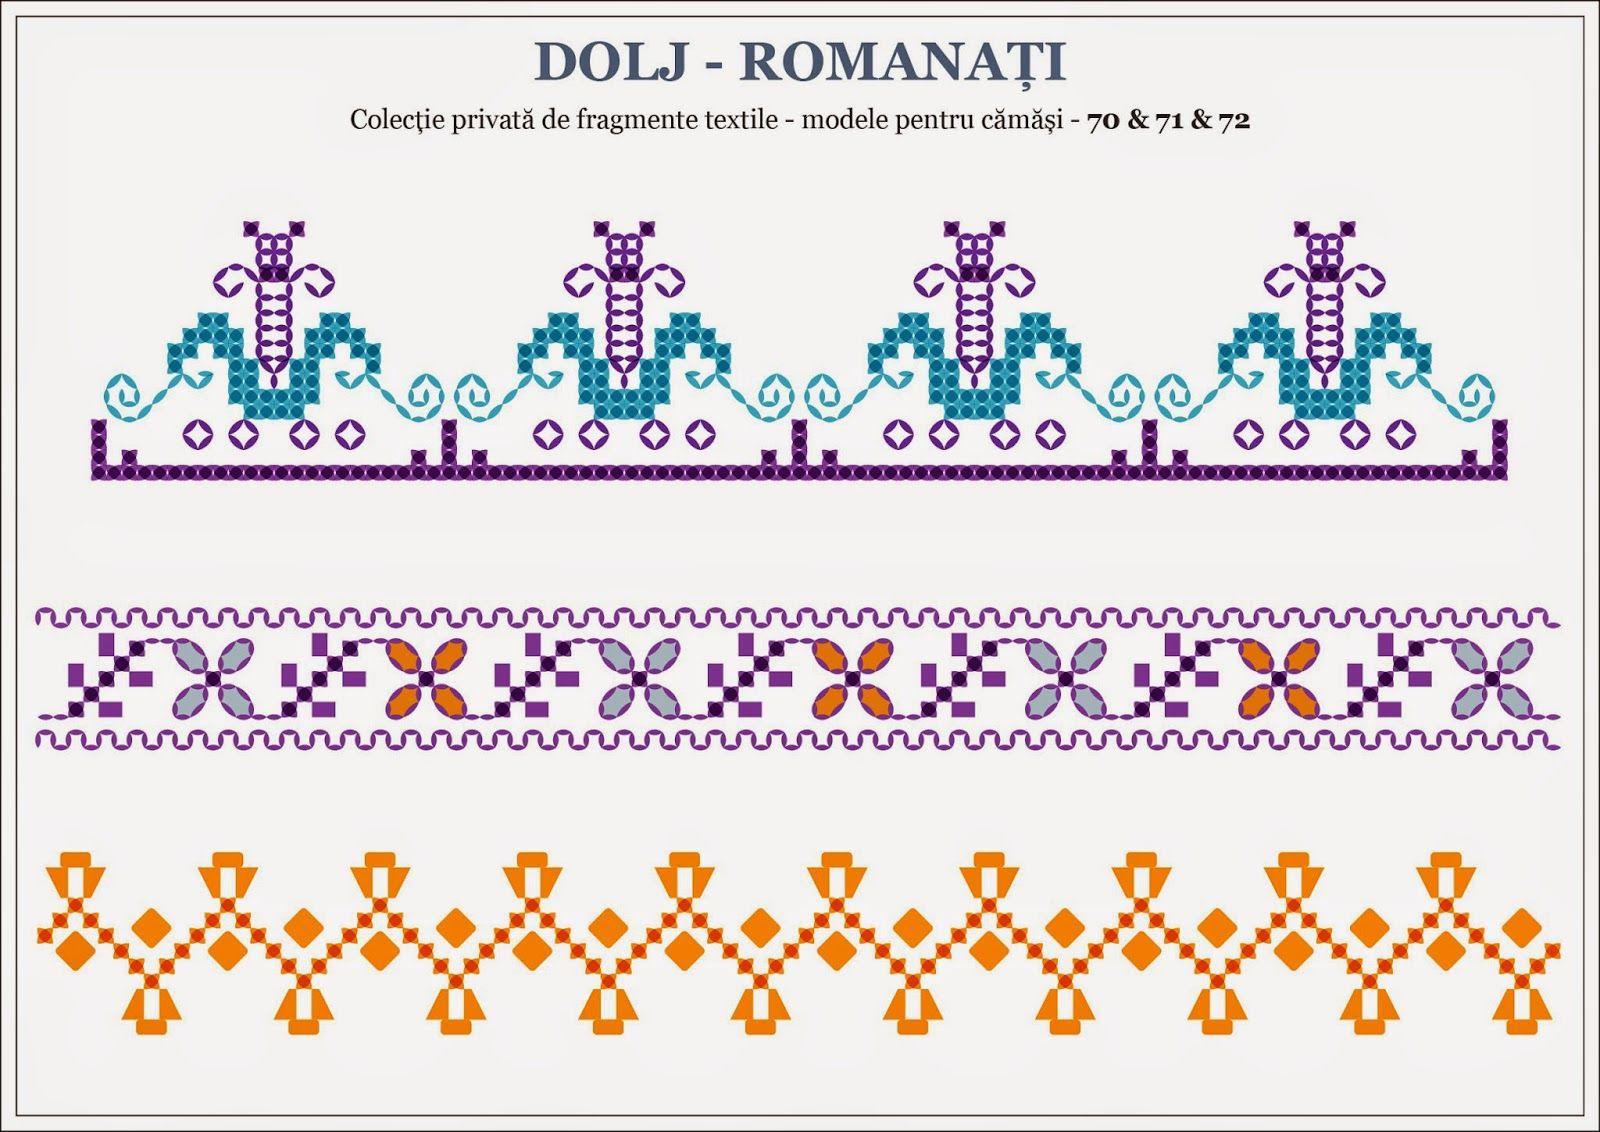 Semne Cusute: Calul si Calaretul - Cavalerul Trac - Oltenia, ROMANIA